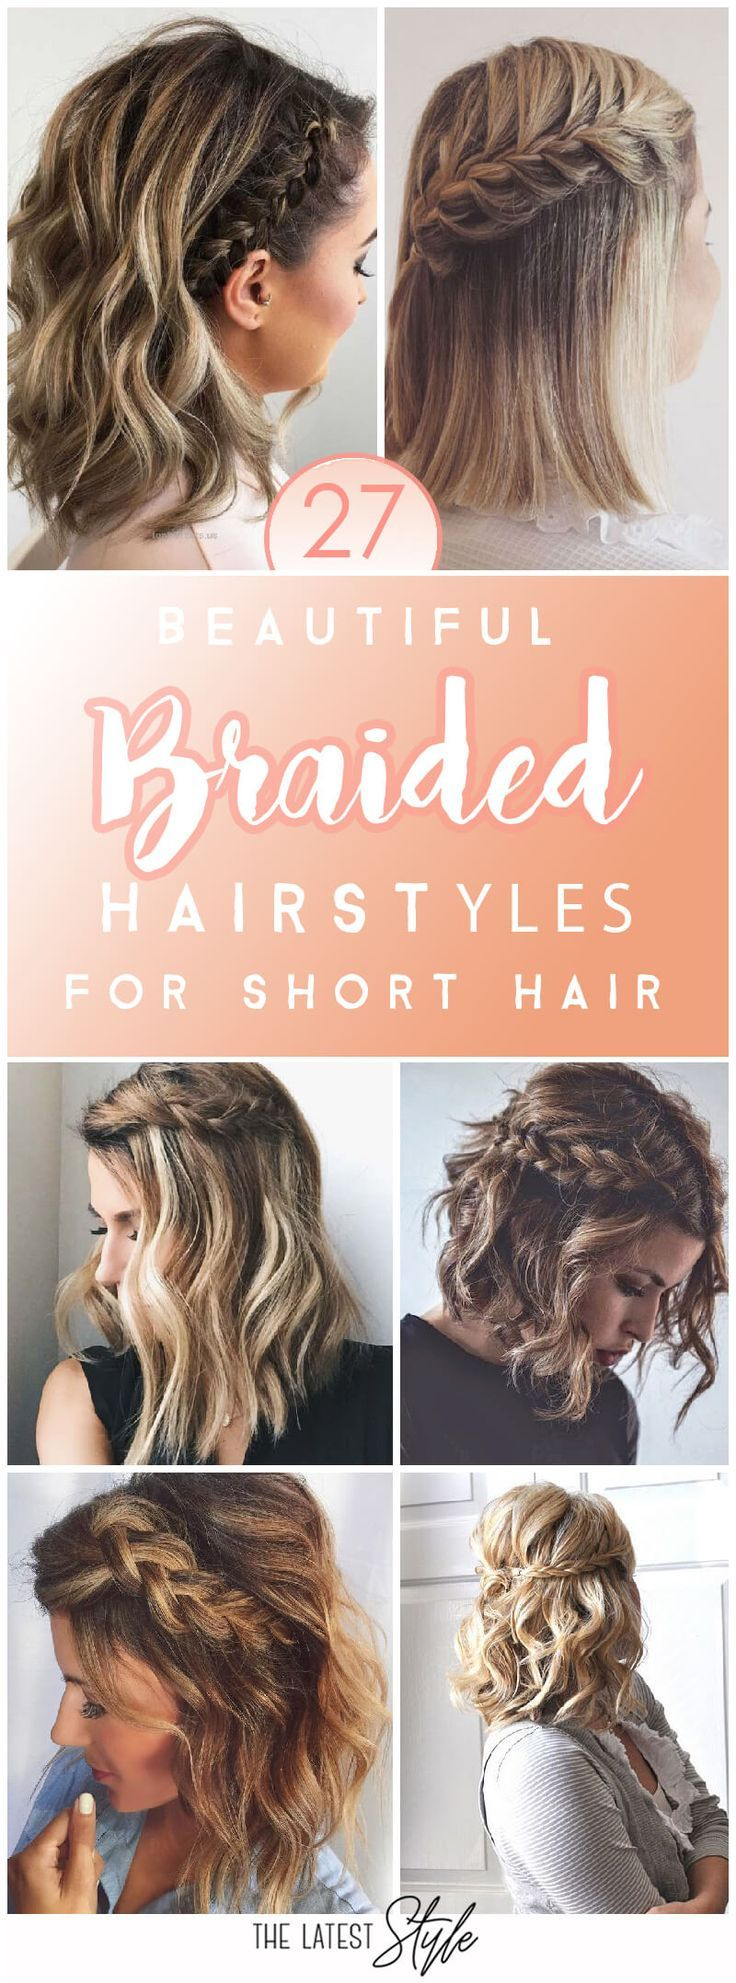 10 schöne und frische Zopf Frisur Ideen für kurze Haare # 10